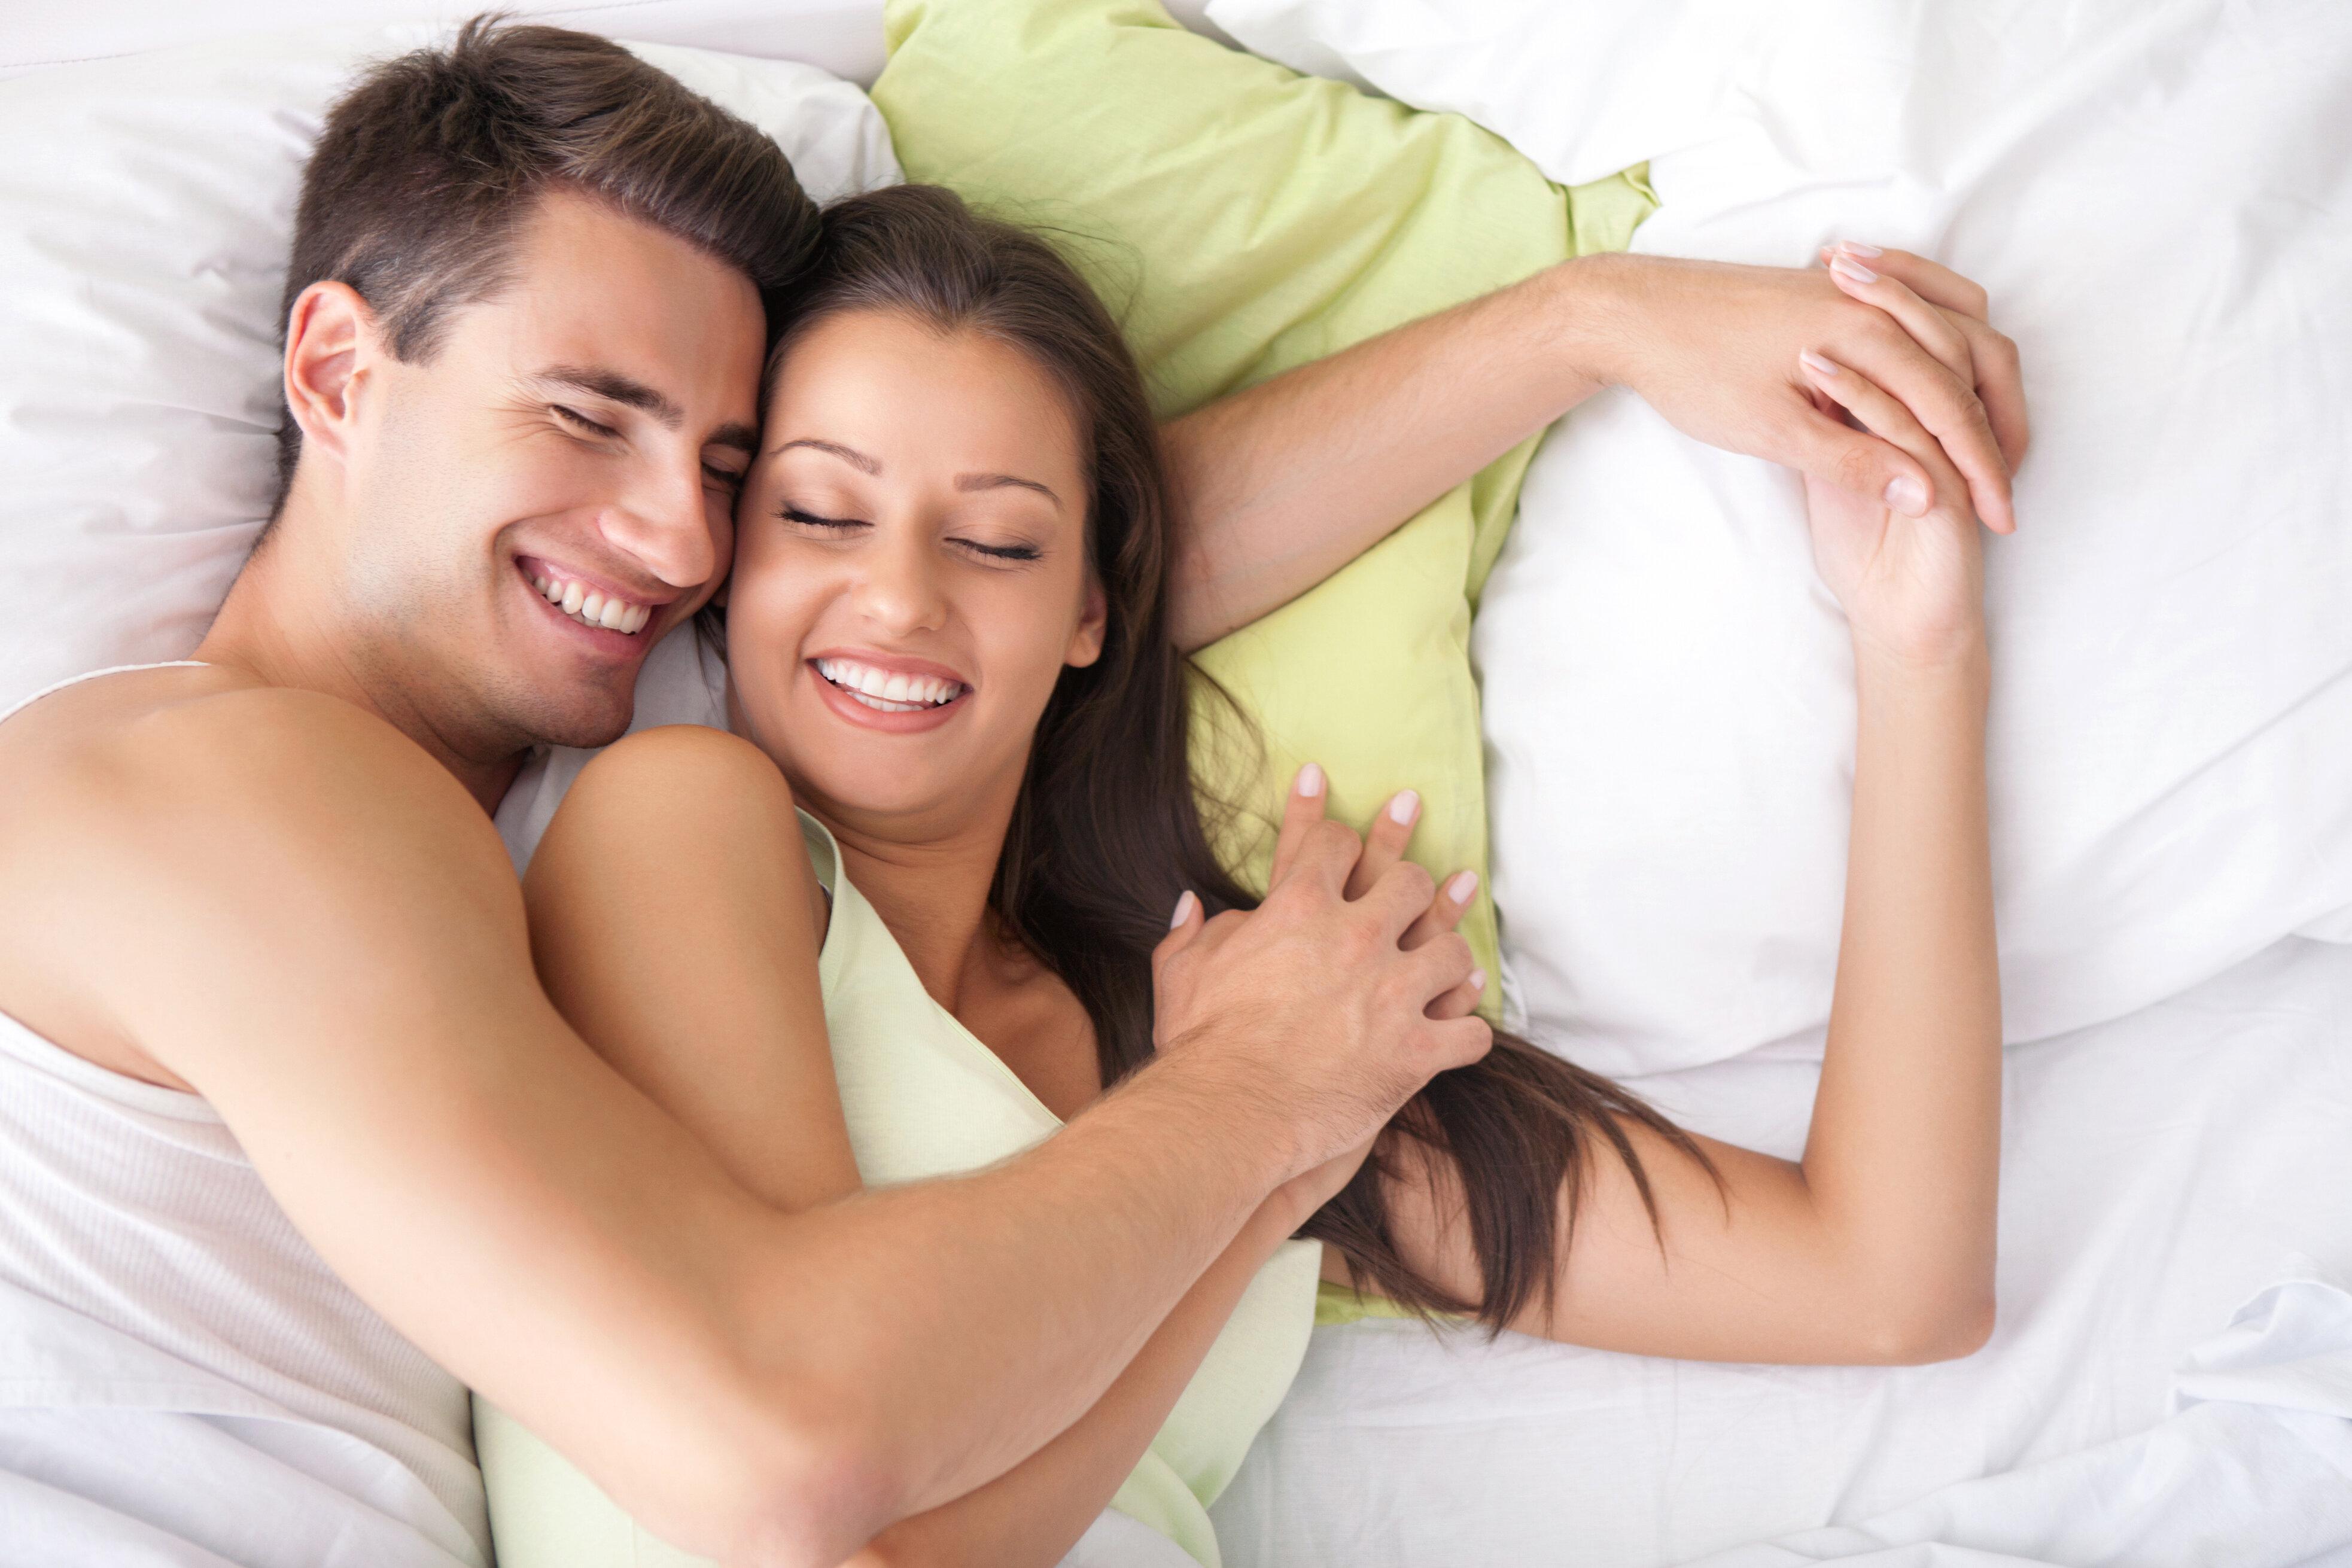 Le sexe aide à consolider le couple